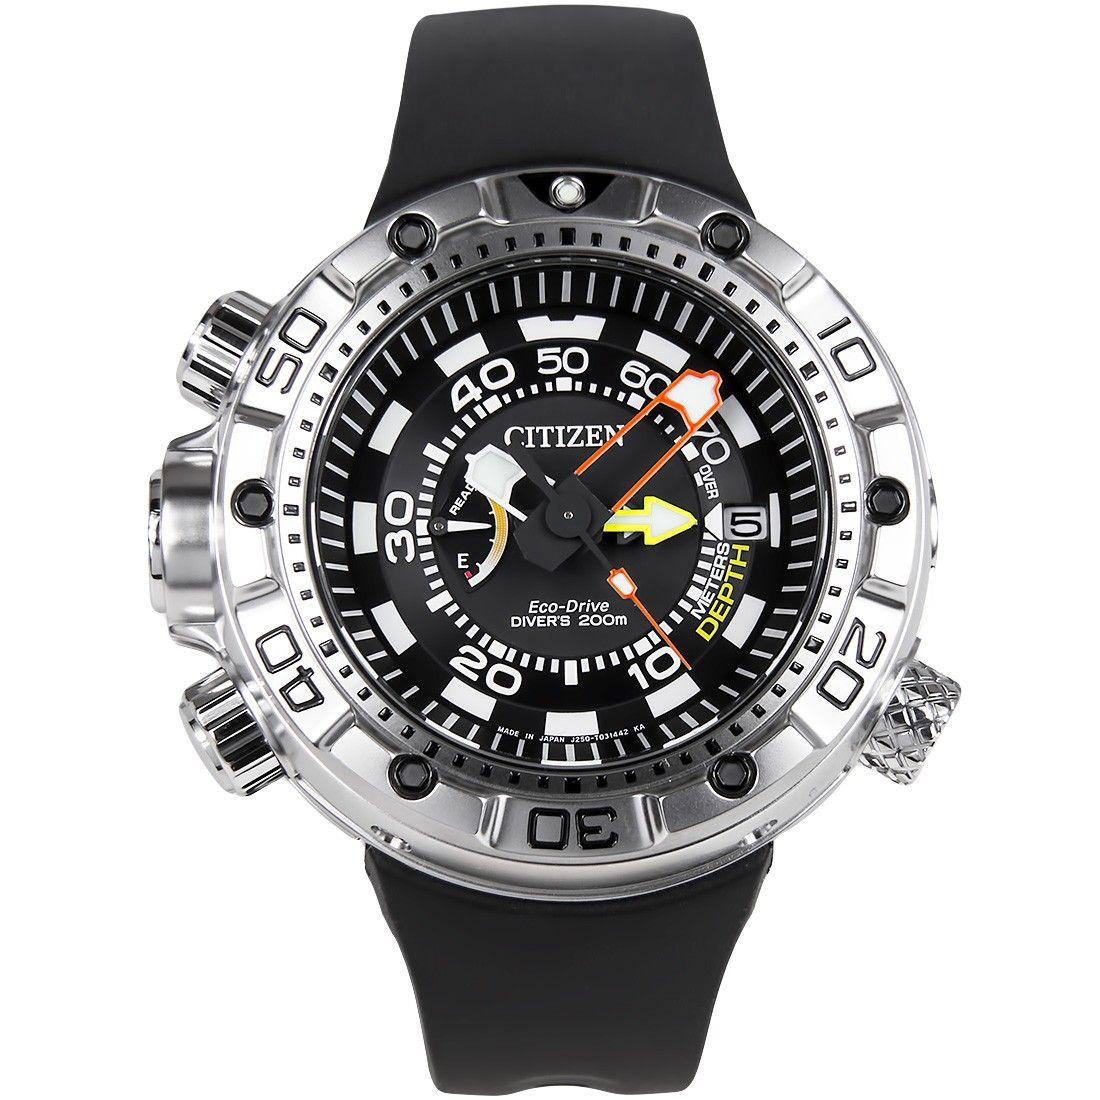 Citizen Promaster Eco-Drive Divers 200M Watch BN2021-03E BN2021